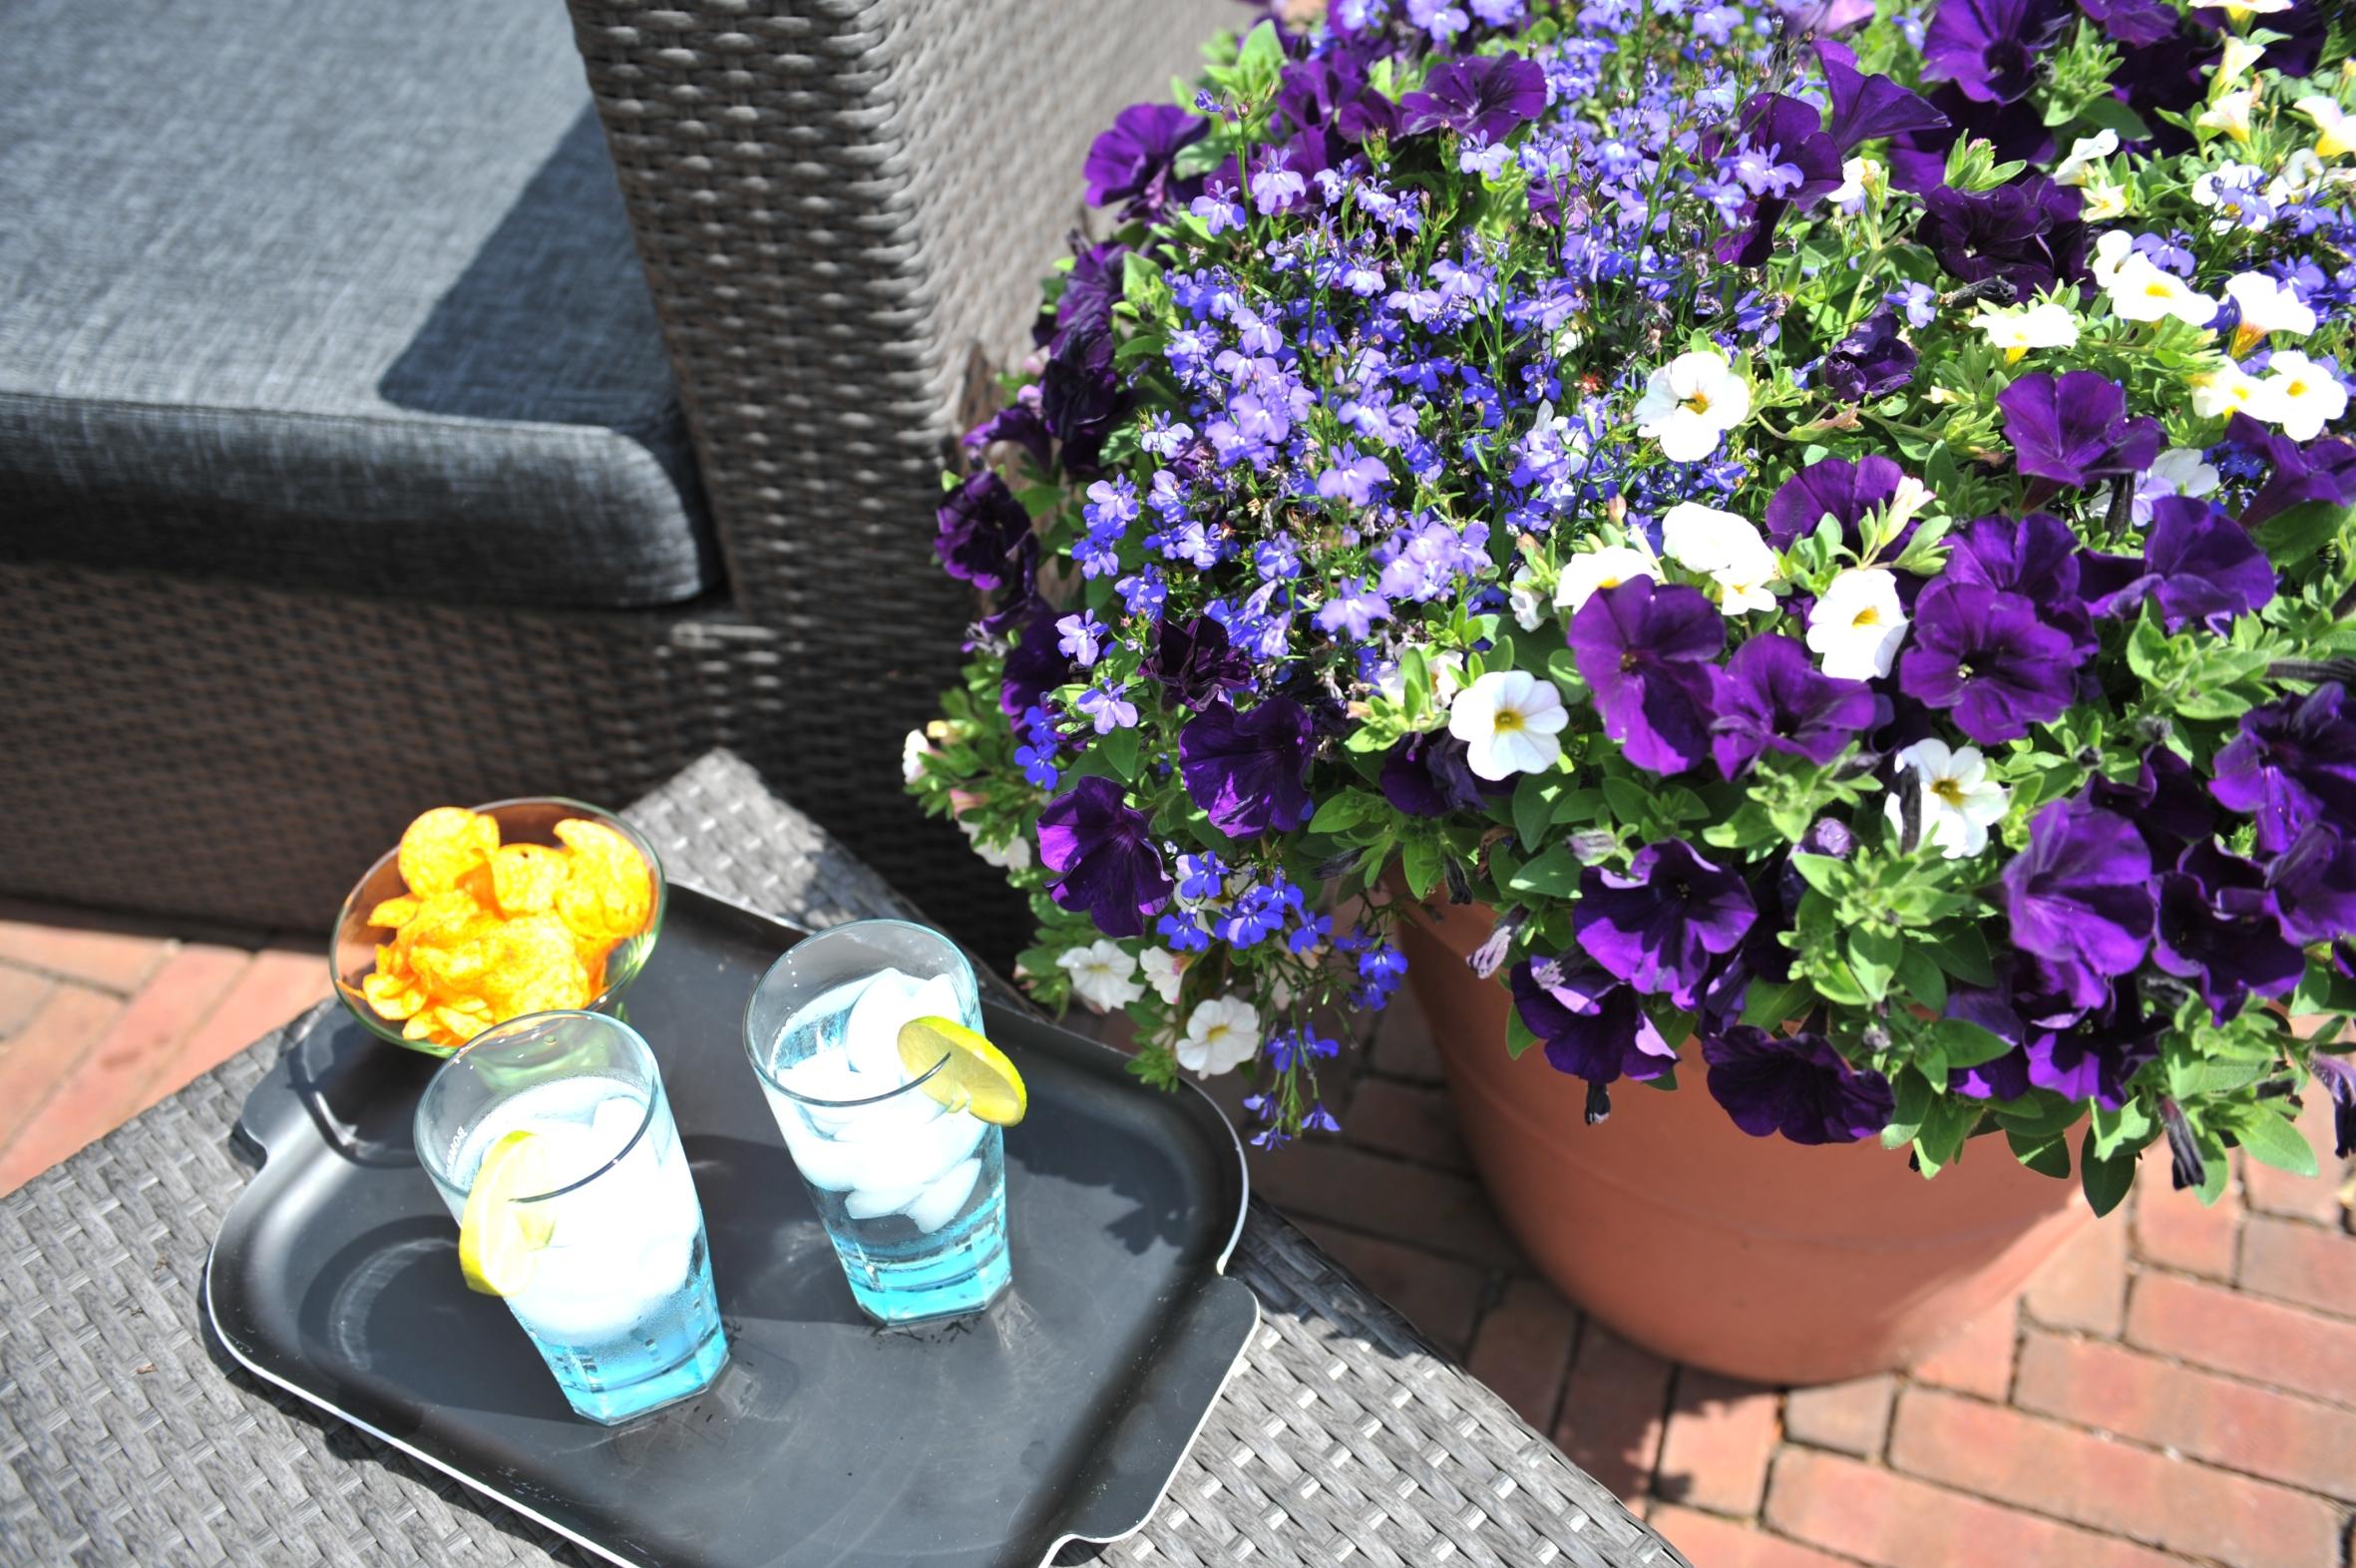 coole kombi in blau und wei arrangement havelperle wird pflanze des jahres 2015 in berlin. Black Bedroom Furniture Sets. Home Design Ideas